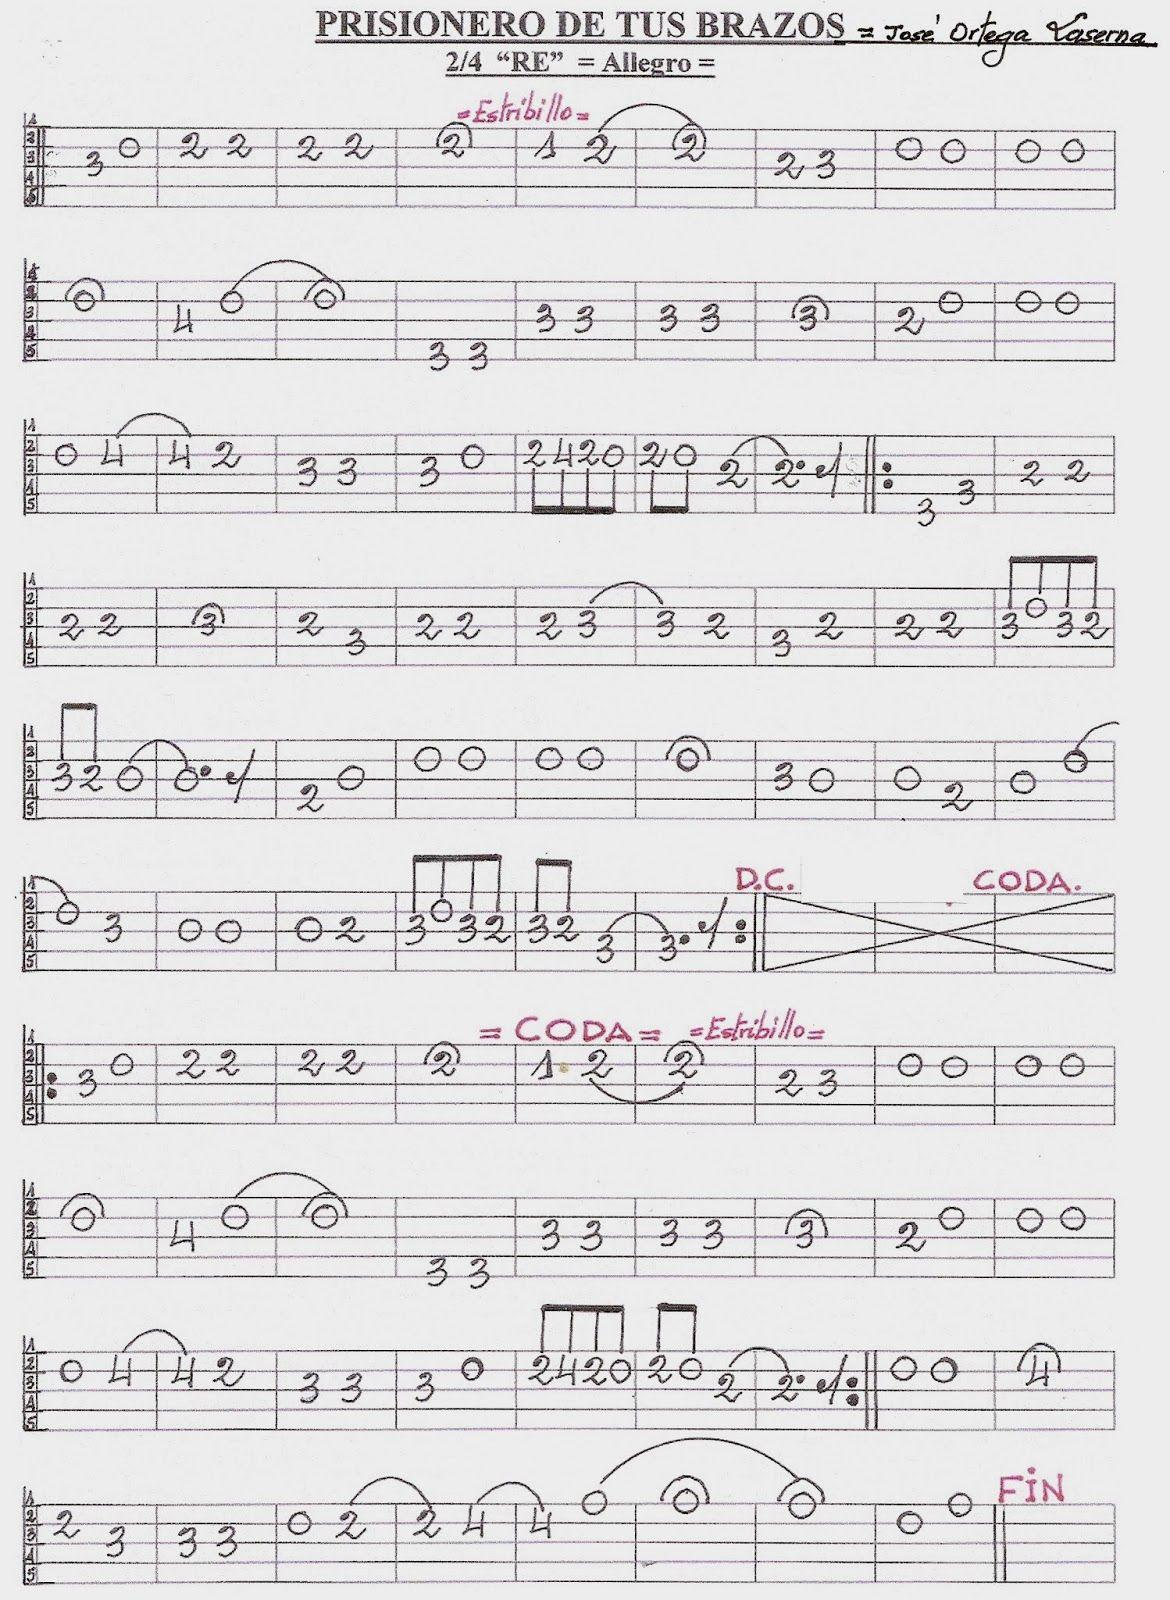 Partituras En Cifra Para Bandurria Y Laúd De José Ortega Laserna Enero 2014 Partituras Partituras De Piano Gratis Canciones Guitarra